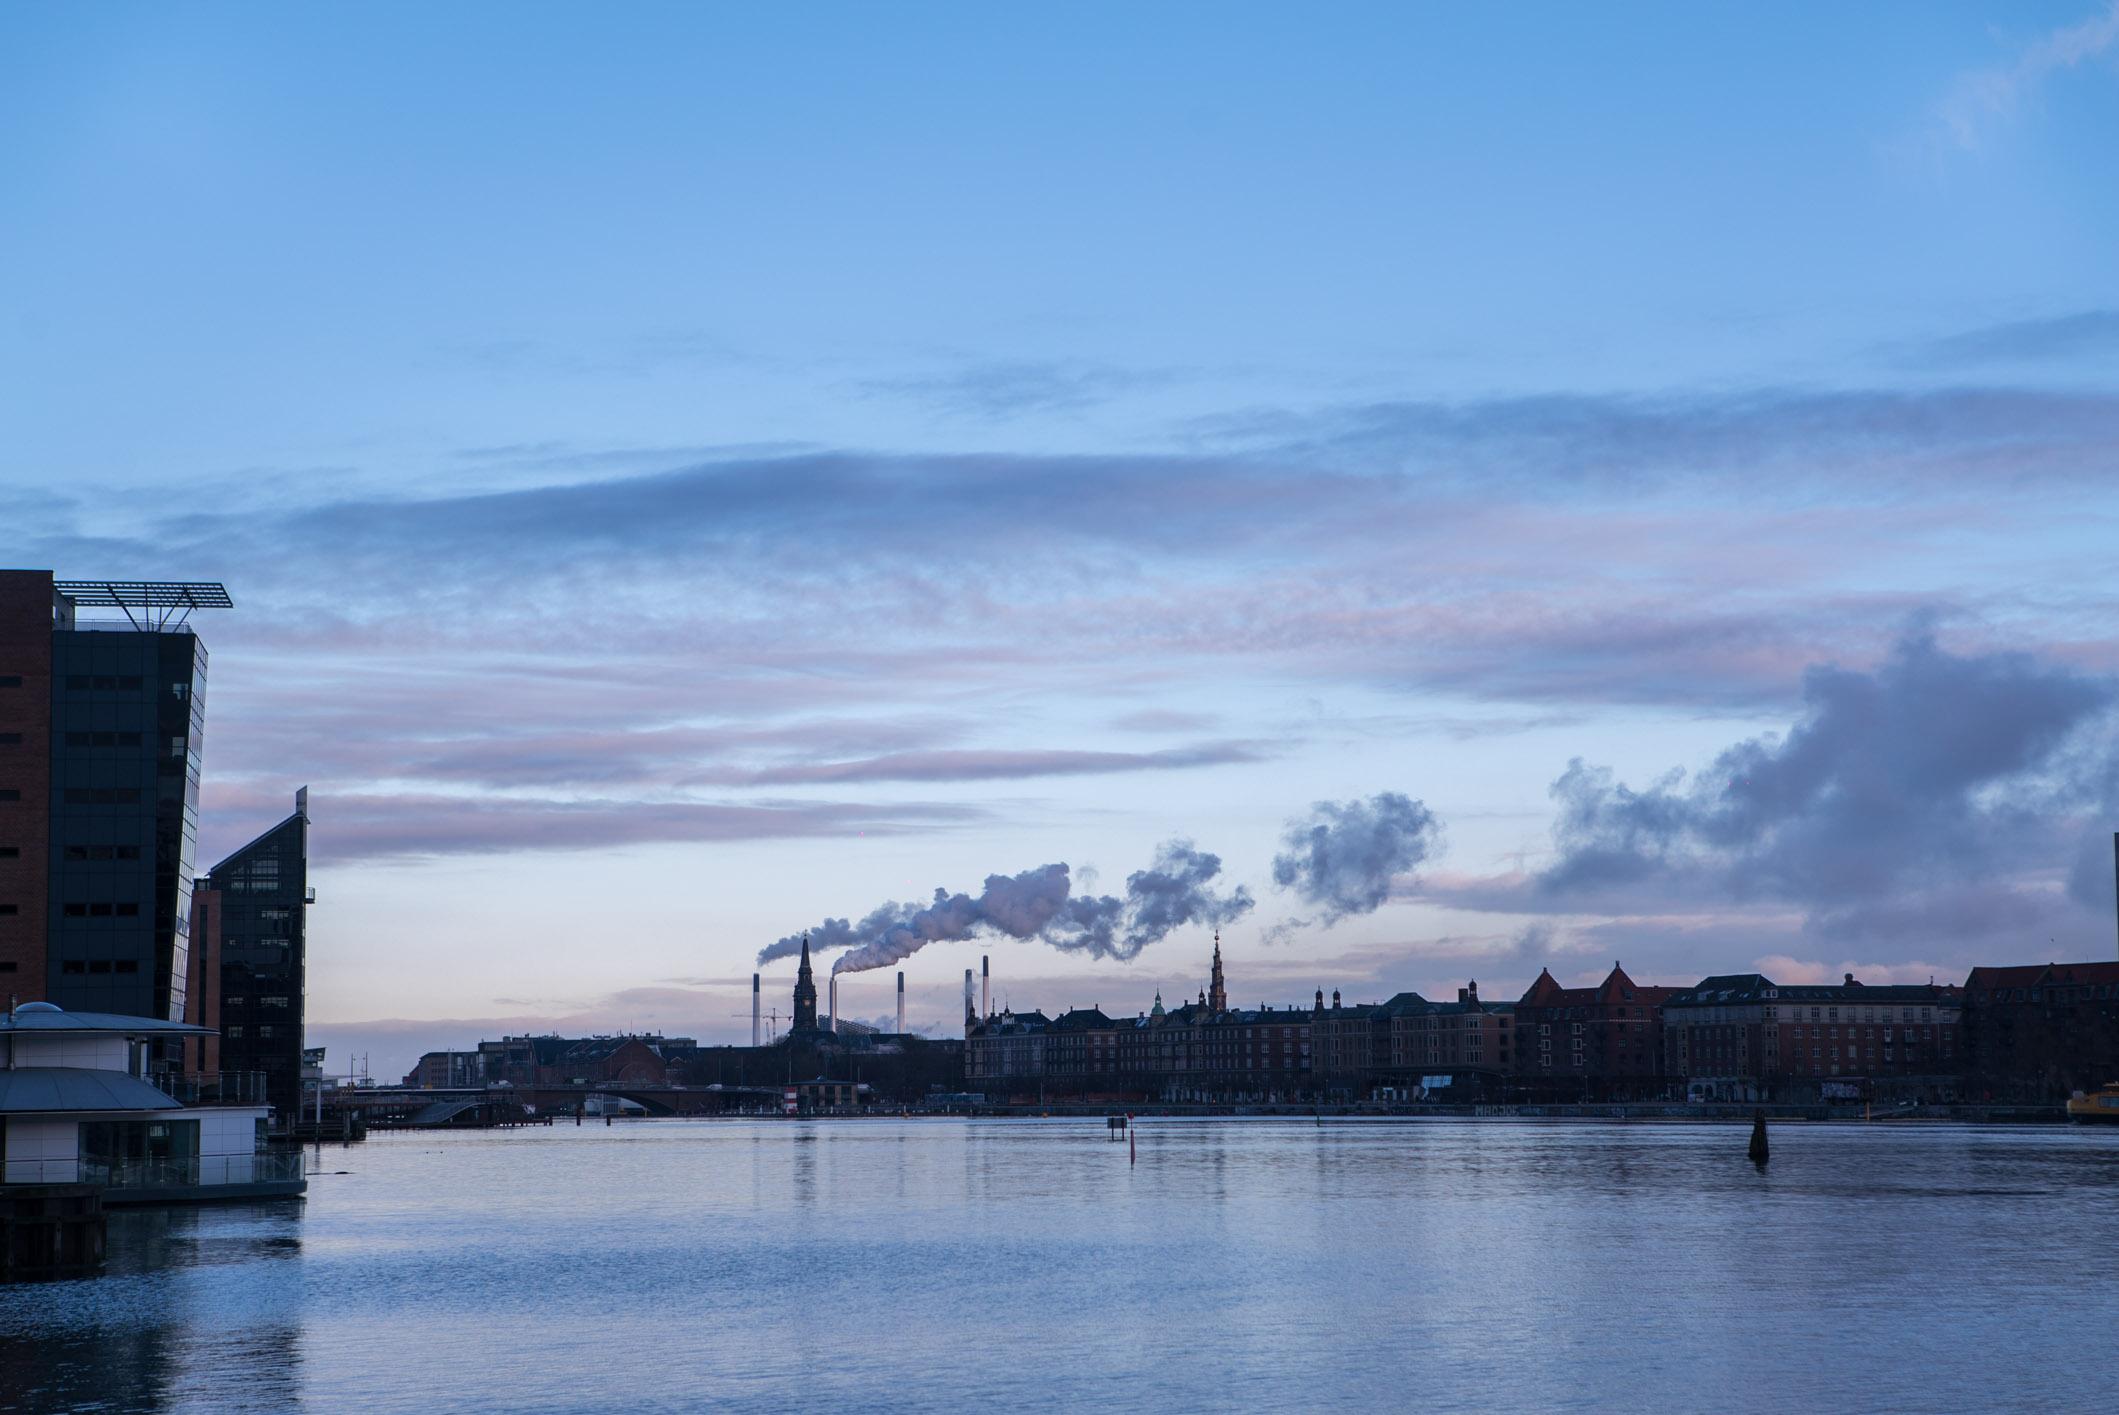 In Sydhavnen